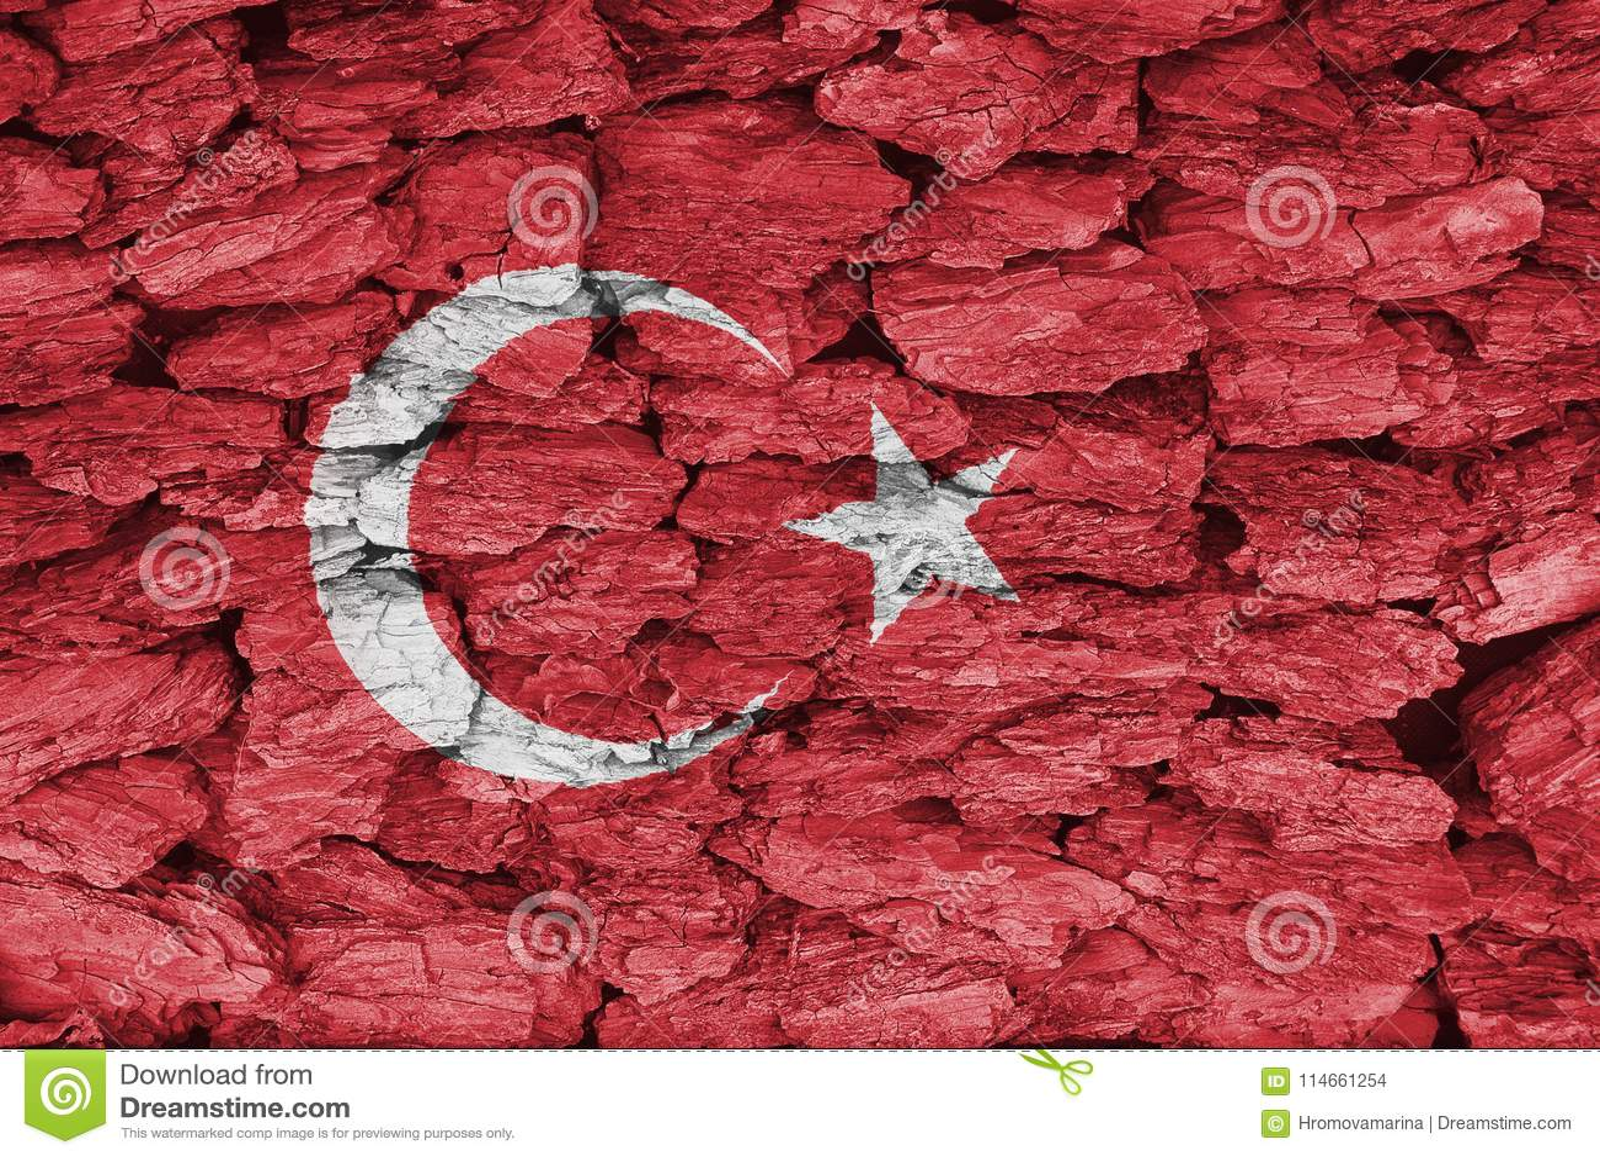 Texture of Turkey flag.